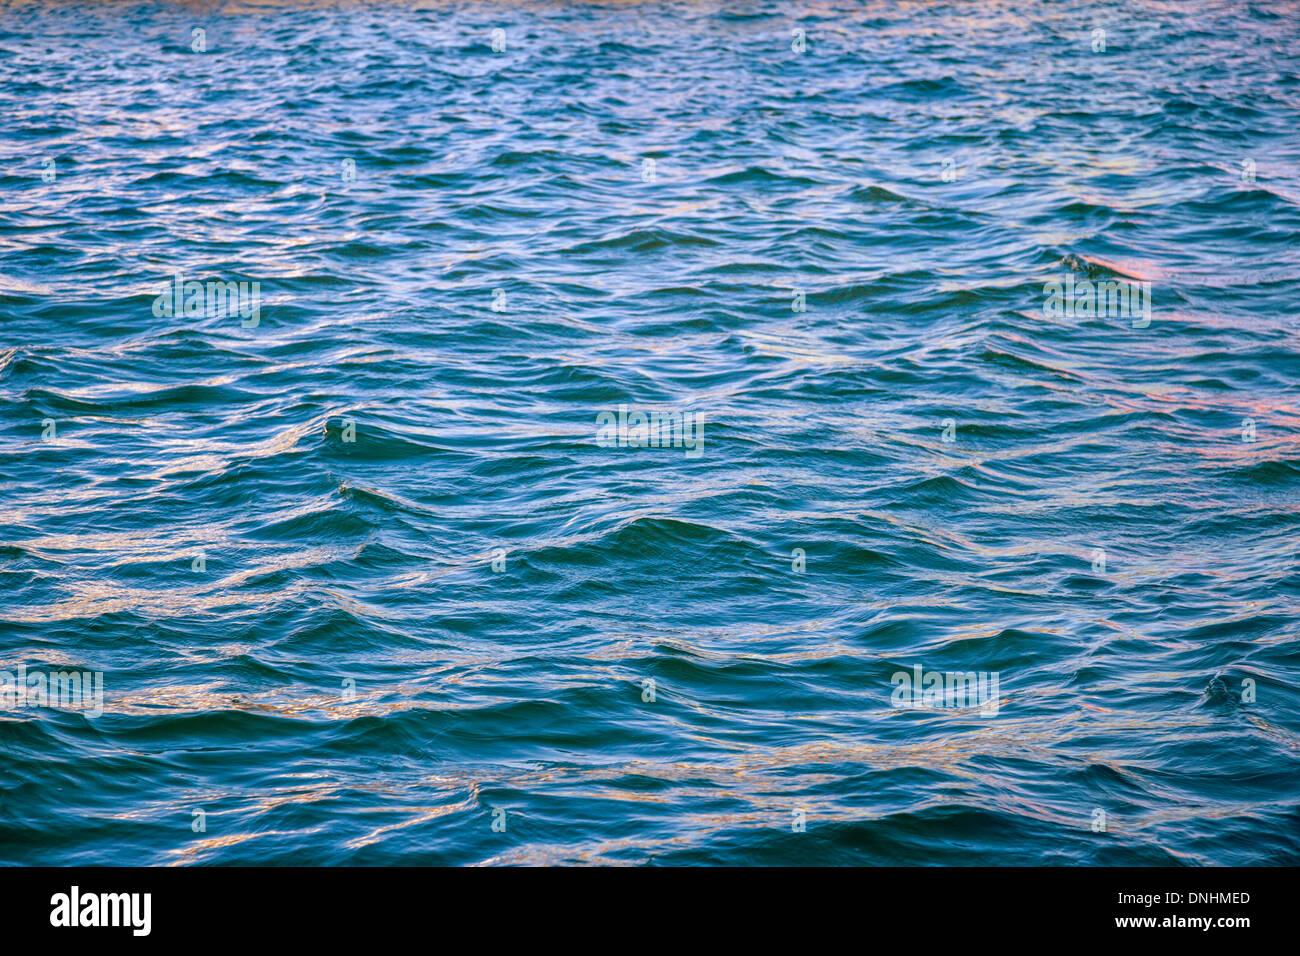 Le onde del mare, Barcellona, in Catalogna, Spagna Foto Stock